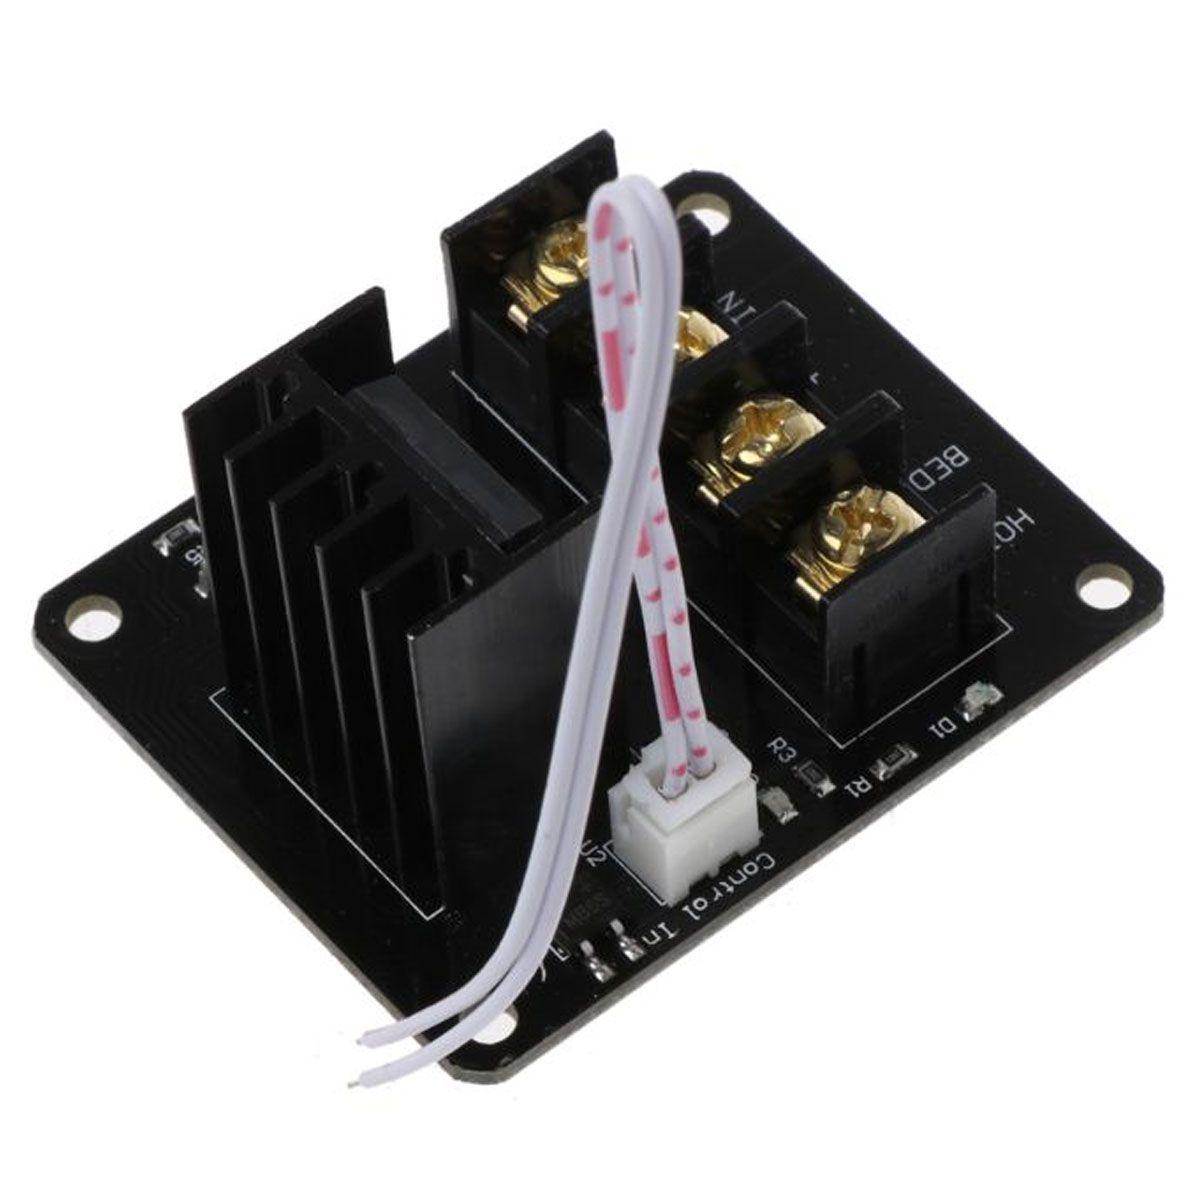 Mosfet de Potência para Extrusora / hotbed / Mesa Aquecida de Impressora 3d - 25A